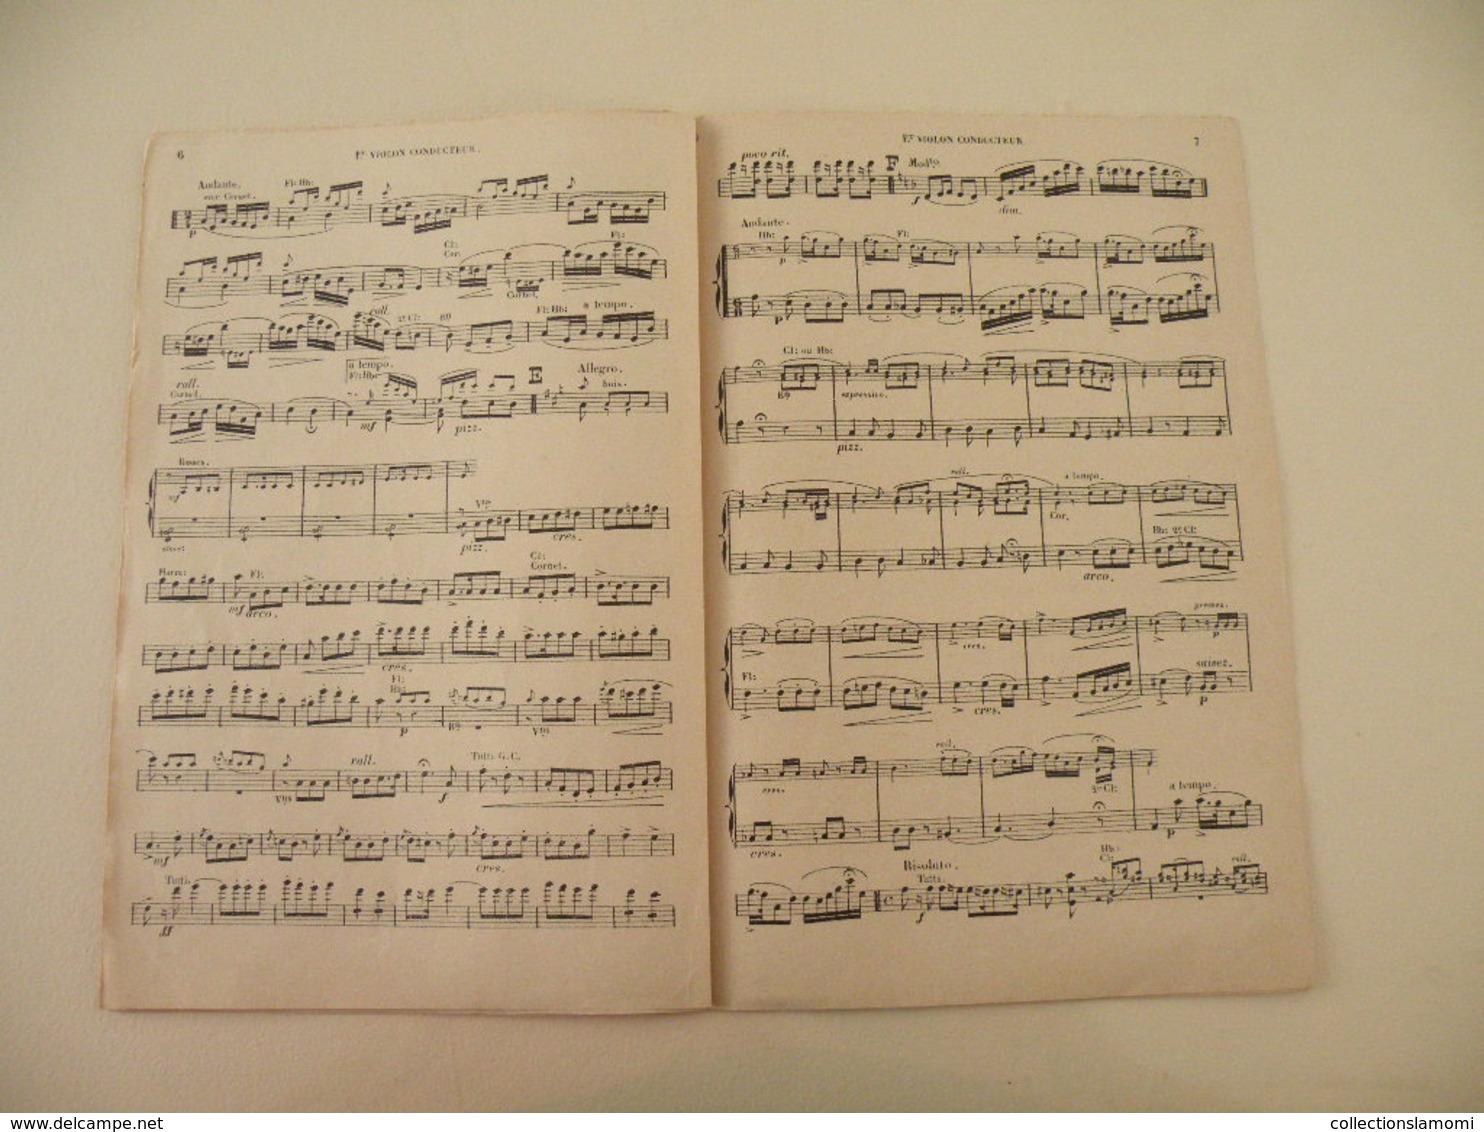 Fantaisie Sur La Fille De Madme Angot (CH. Lecocq Par E. Tavan)-(Opéra Comique) (Partition) - Opéra